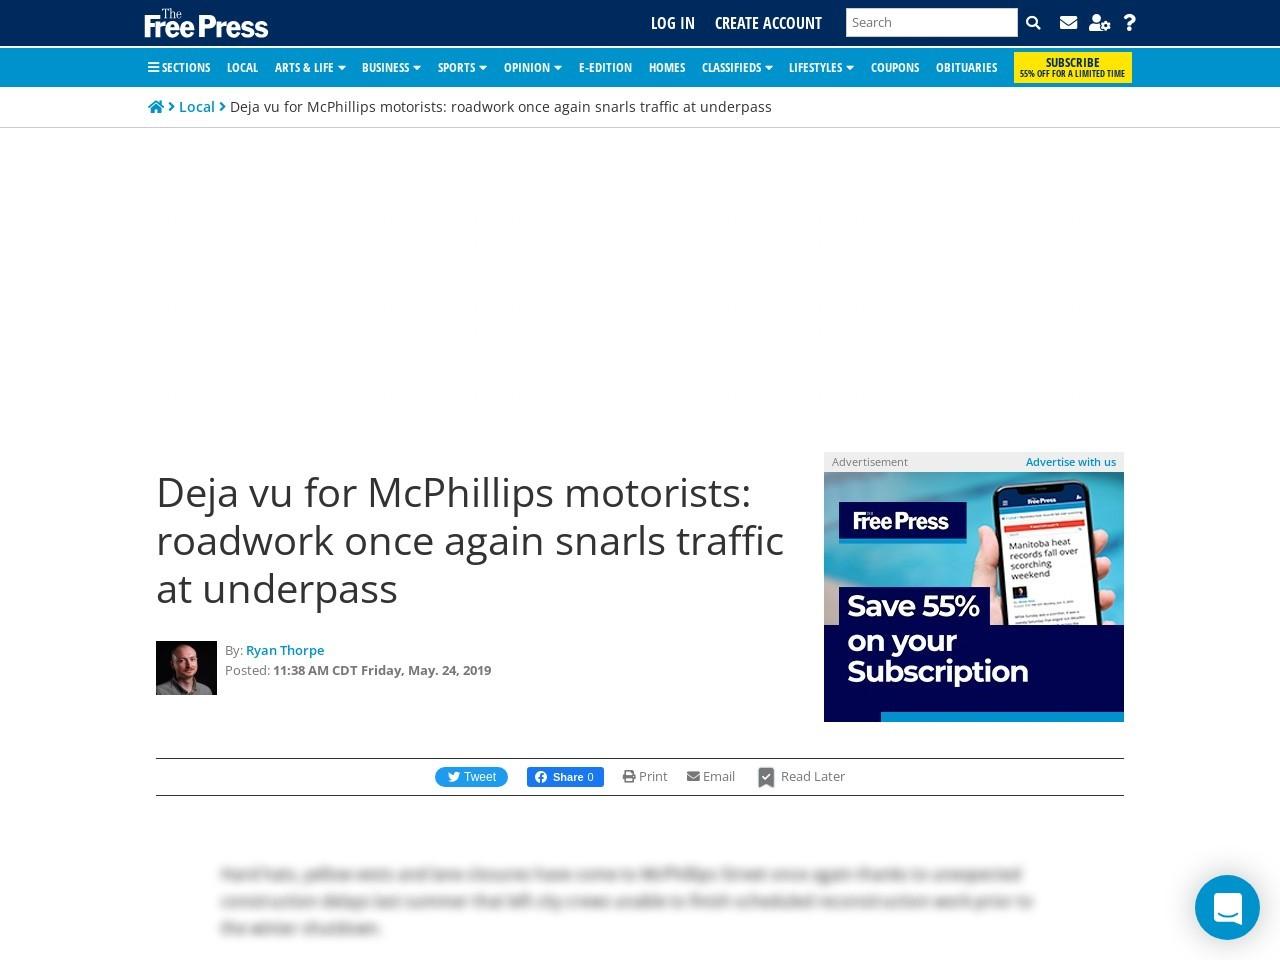 Deja vu for McPhillips motorists: roadwork once again snarls traffic at underpass